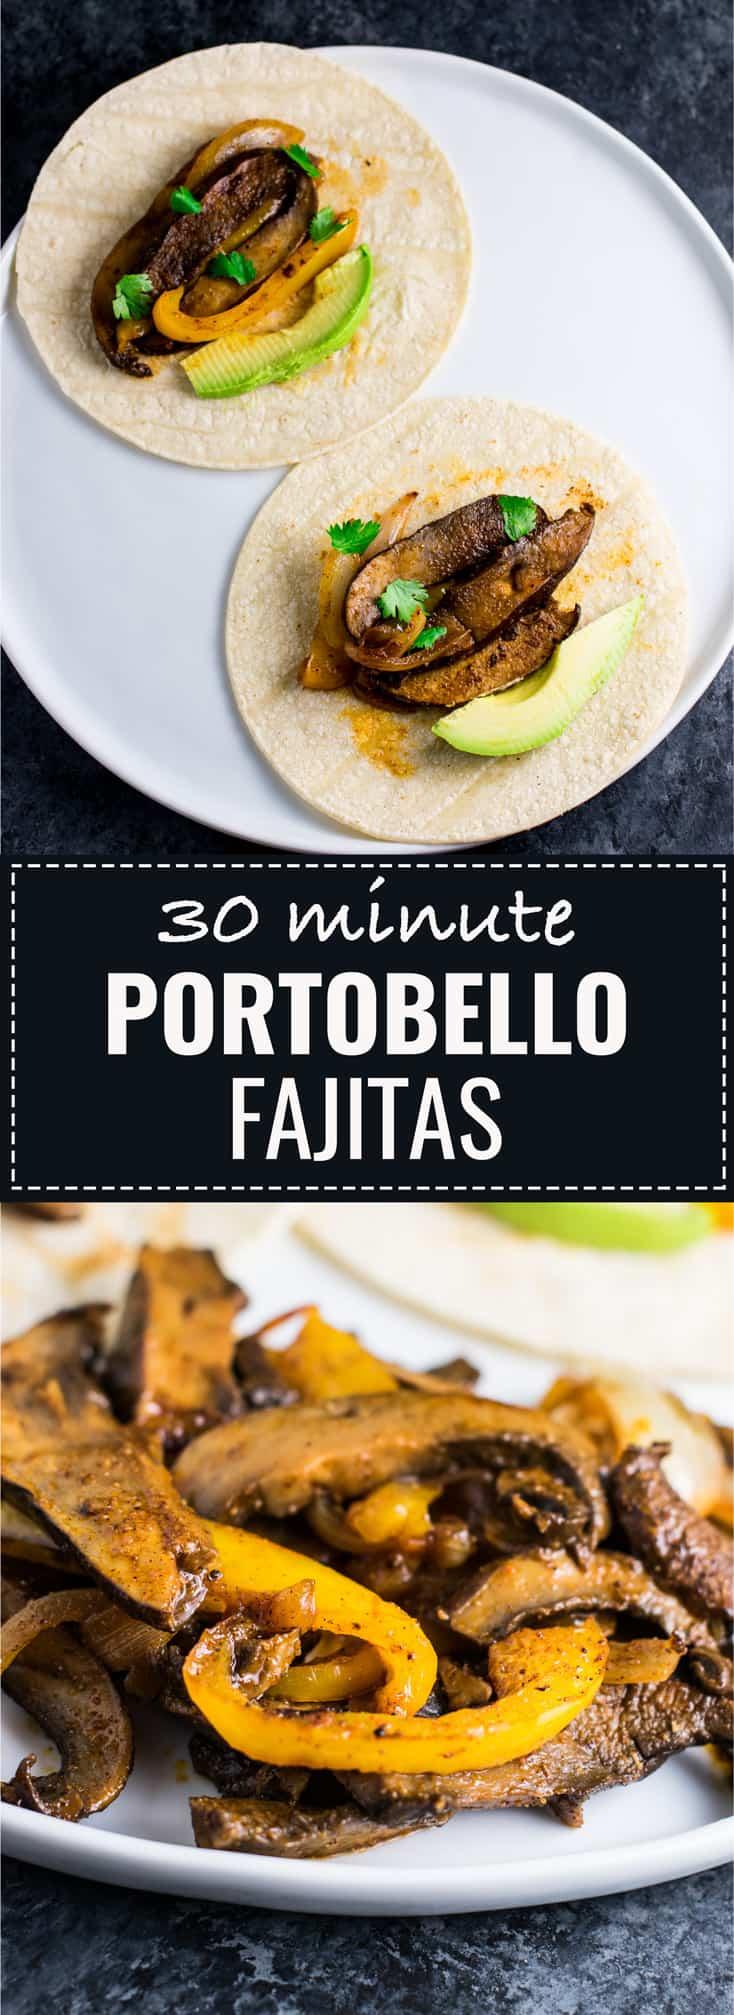 30 minute vegan portobello fajitas #vegan #fajitas #portobellofajitas